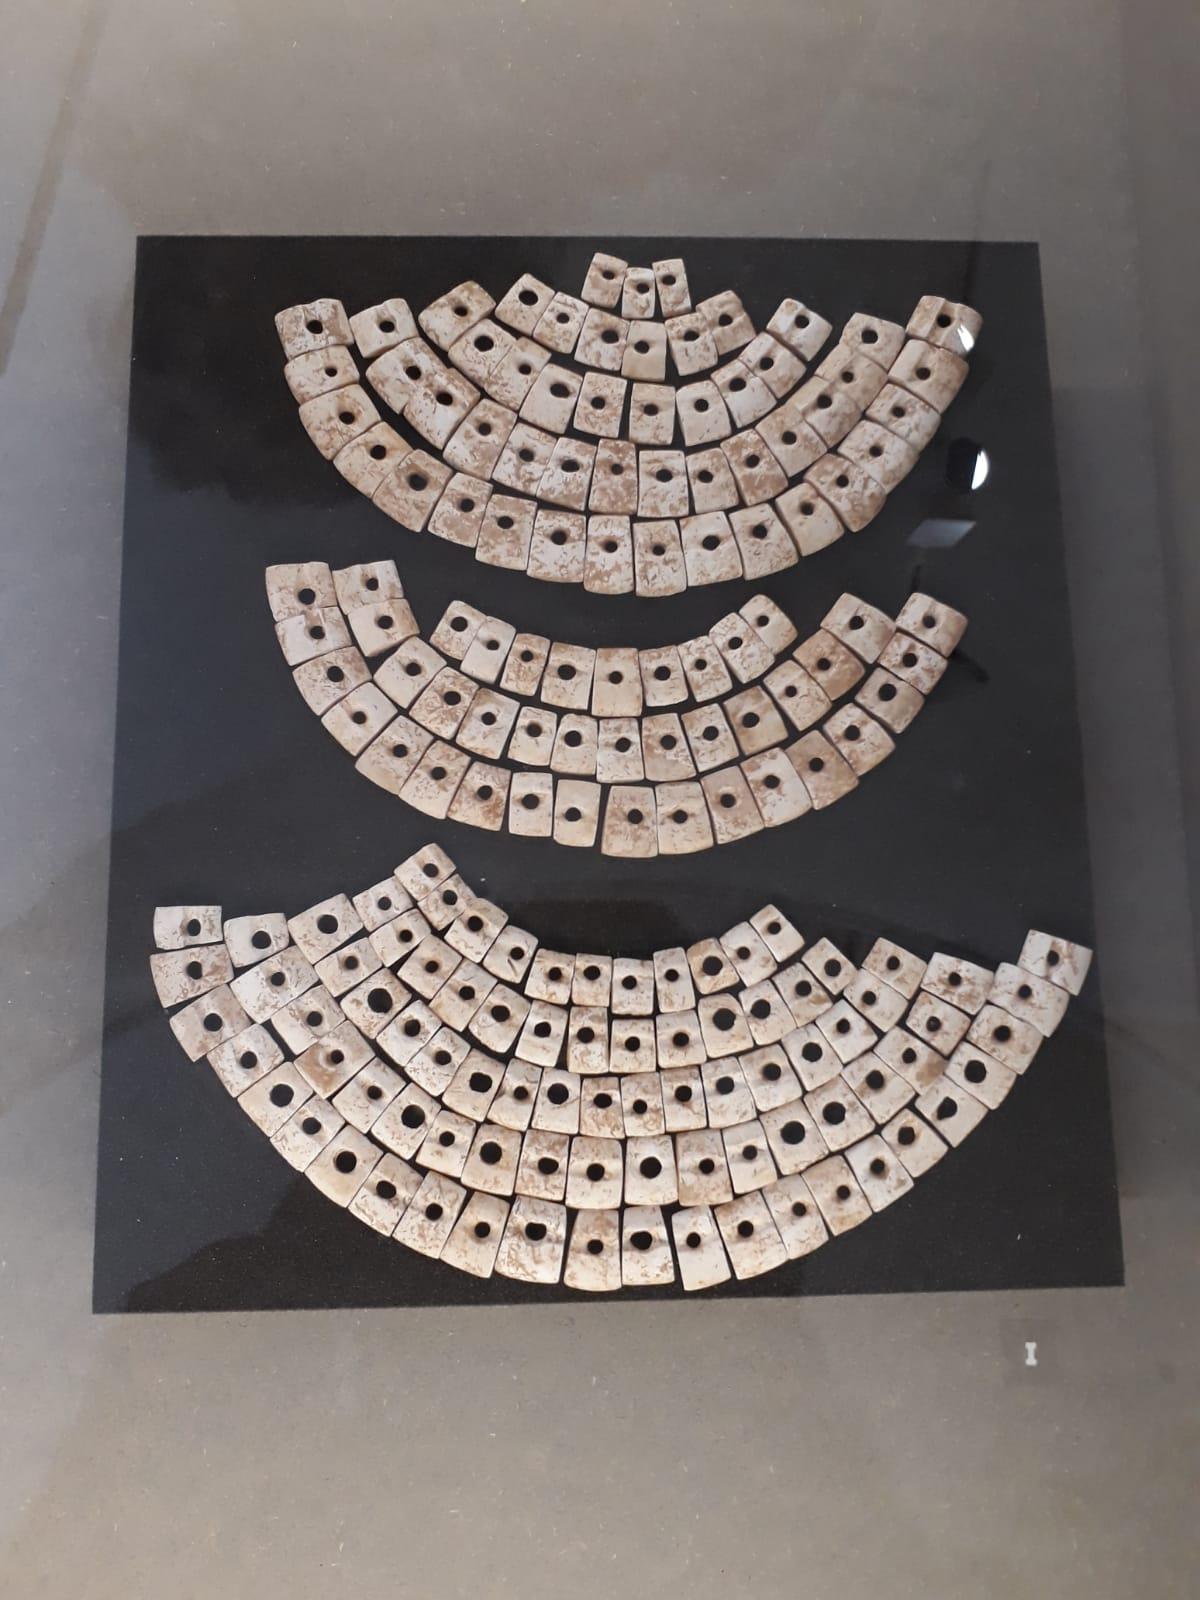 Dans les sépultures modestes, on enterre les défunts avec des objets (tout aussi modestes) de la vie quotidienne, notamment une pierre, venue des Alpes ou encore cette parure funéraire en coquillages, nouvelle preuve du troc entre les différents territoires durant le Néolithique !